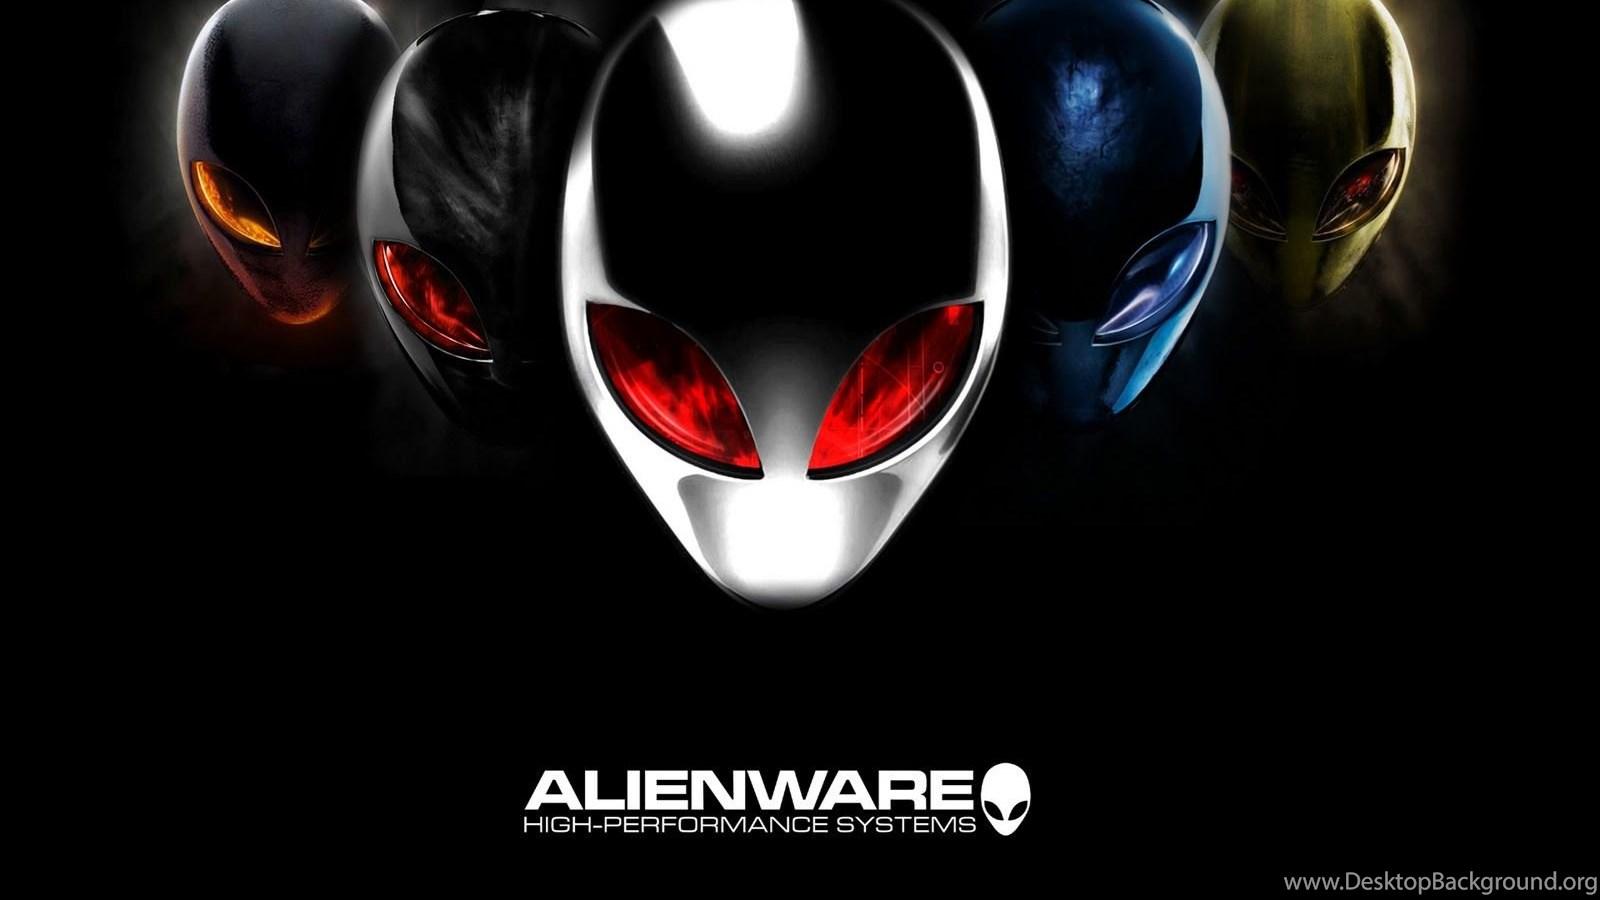 most download alienware hd wallpapers desktop background